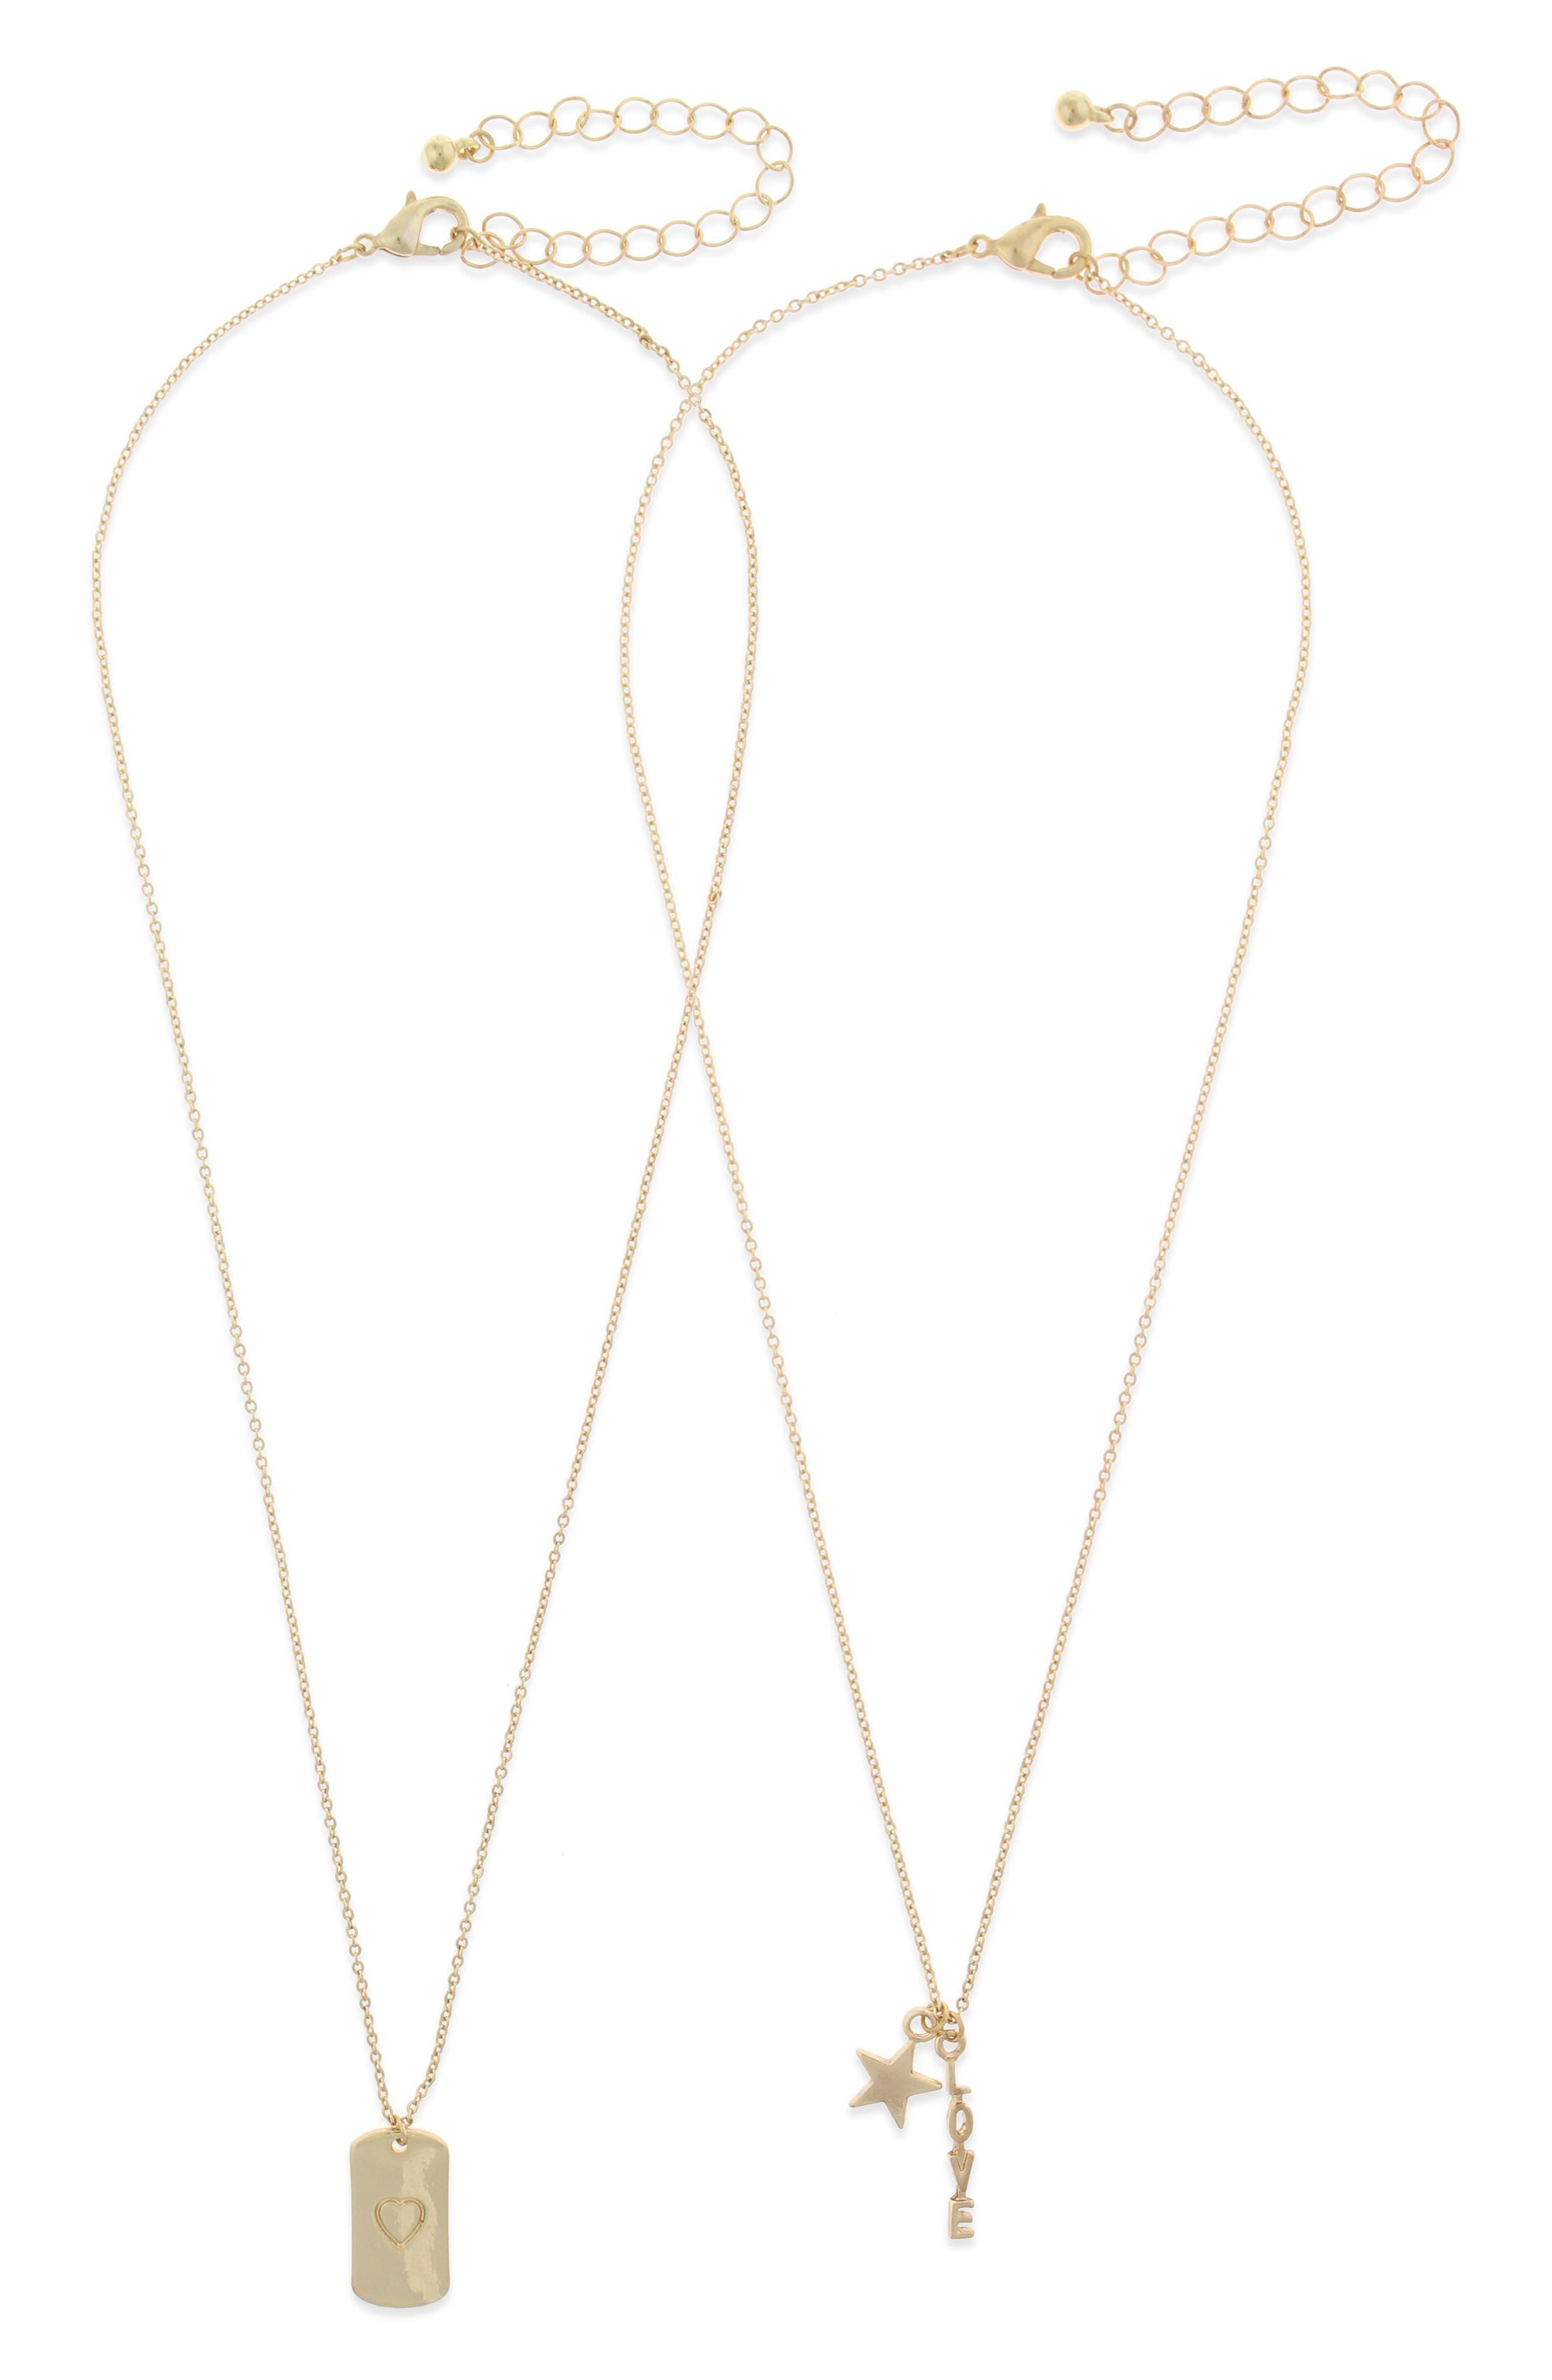 Set of 2 Pendant Necklaces,                             Main thumbnail 1, color,                             710